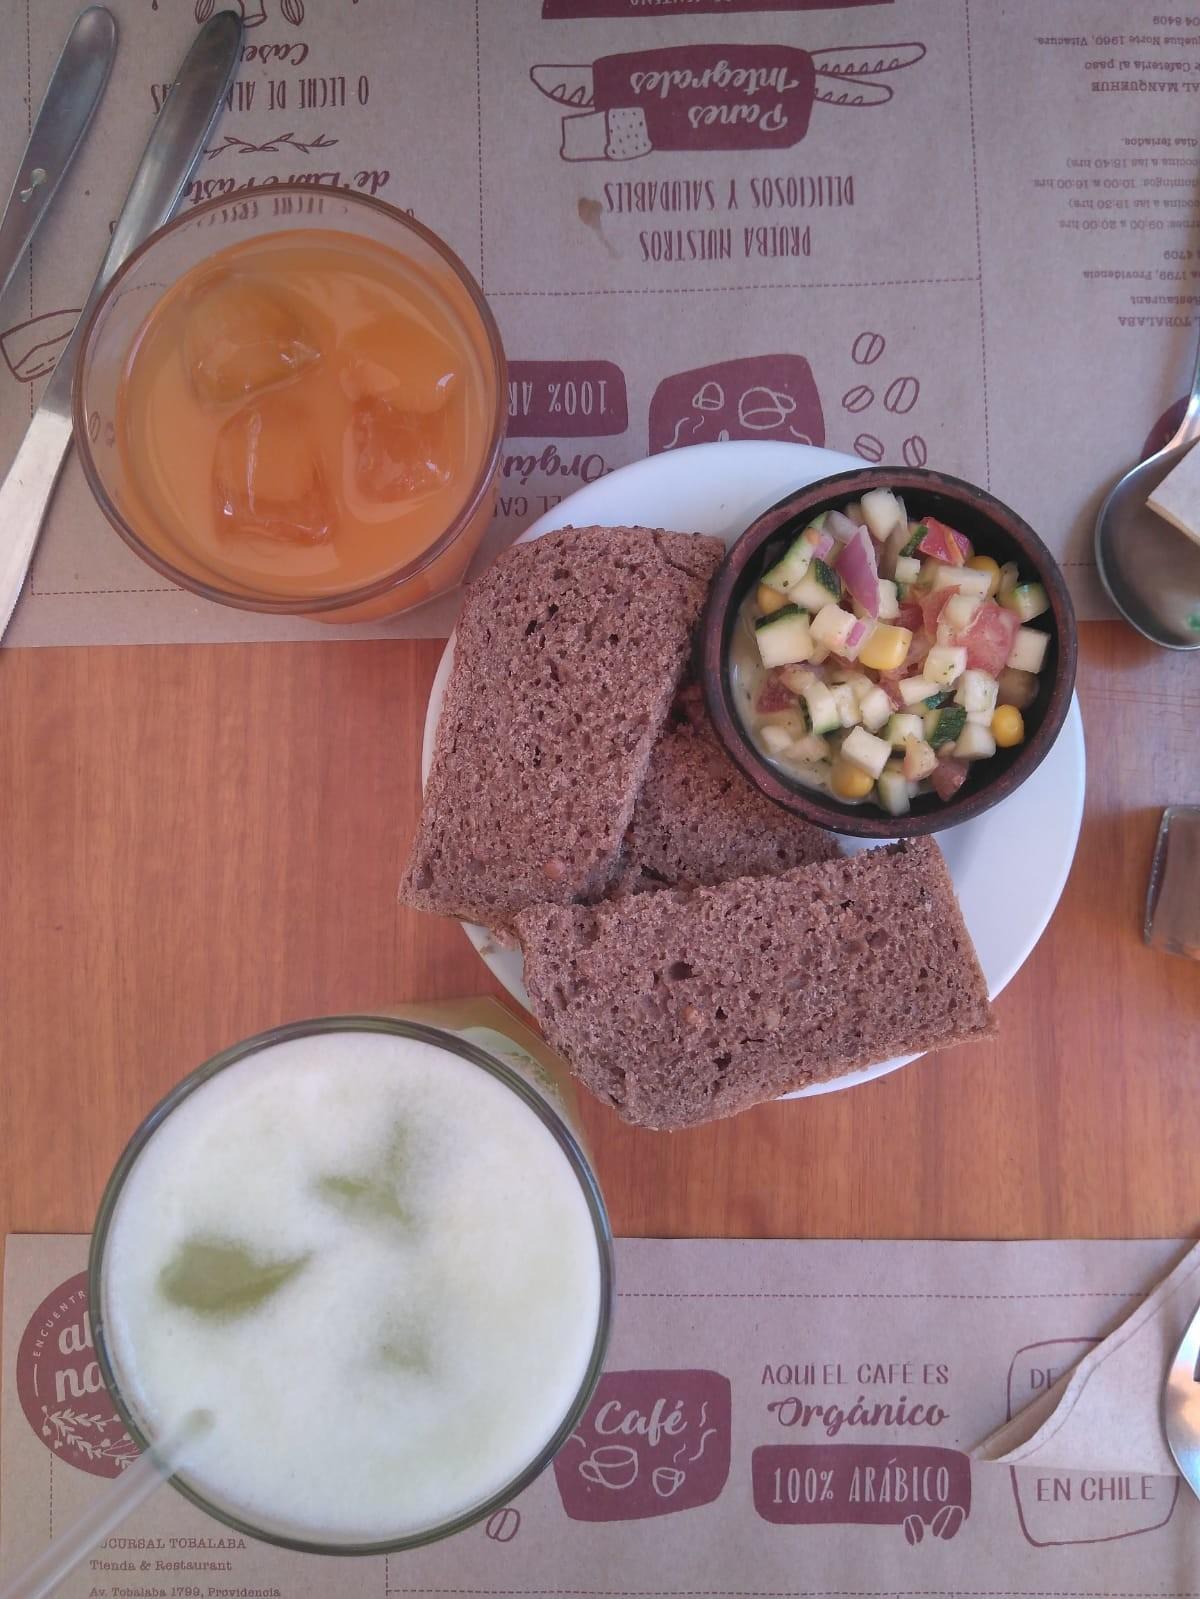 Magnífica opción saludable para comer en Santiago de Chile